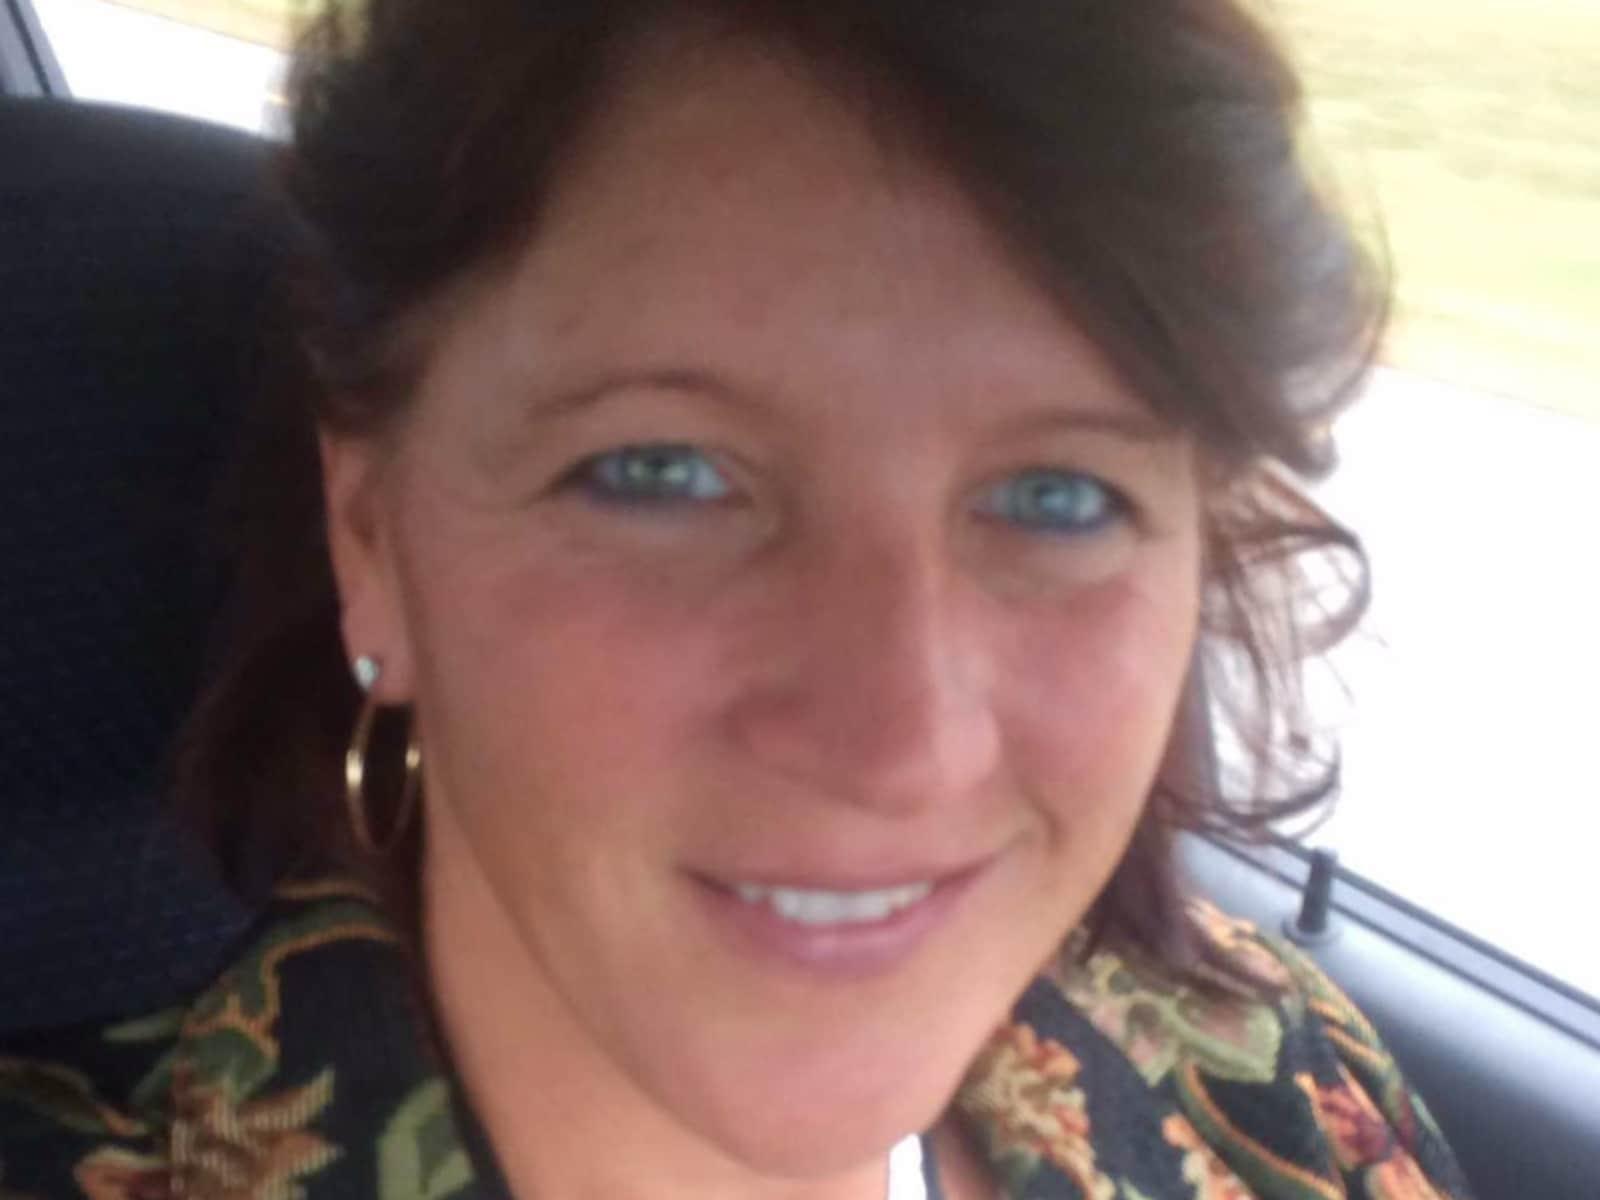 Lori lynn from Bemidji, Minnesota, United States